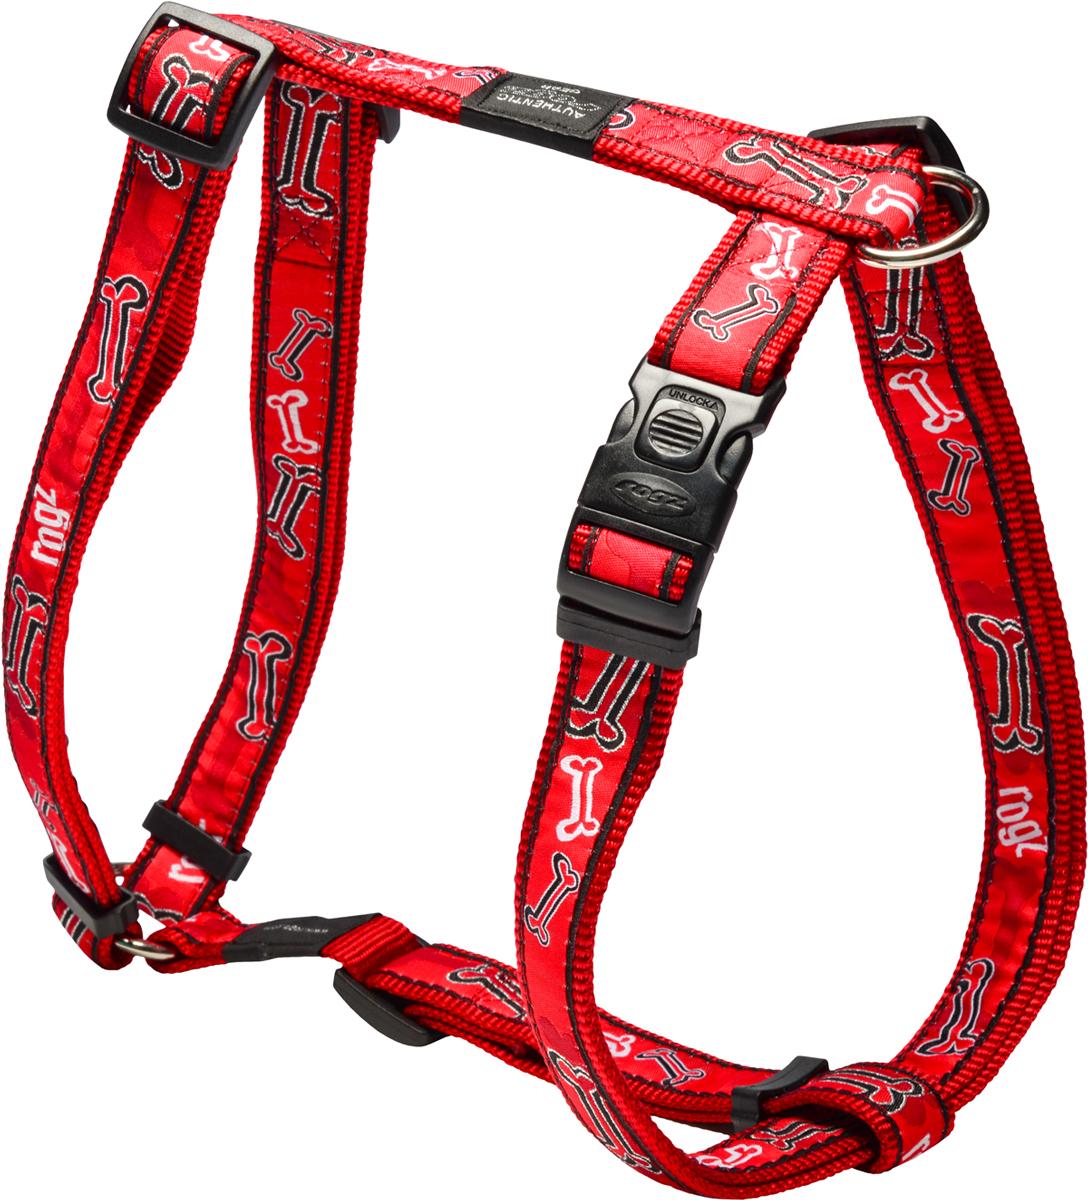 Шлейка для собак Rogz Fancy Dress, цвет: красный, ширина 2,5 смSJ02CCШлейка для собак Rogz Fancy Dress имеет необычный дизайн. Широкая гамма потрясающе красивых орнаментов на прочной тесьме поверх нейлоновой ленты украсит вашего питомца.Застегивается, не доставляя неудобство собаке.Специальная конструкция пряжки Rog Loc - очень крепкая(система Fort Knox). Замок может быть расстегнут только рукой человека.С помощью системы ремней изделие подгоняется под животного индивидуально. Размеры: от 23,5 до 39,5 в районе шеи животного, от 60 до 100 см в районе спины.Необыкновенно крепкая и прочная шлейка.Выполненные по заказу литые кольца выдерживают значительные физические нагрузки и имеют хромирование, нанесенное гальваническим способом, что позволяет избежать коррозии и потускнения изделия.Легко можно прикрепить к ошейнику и поводку.